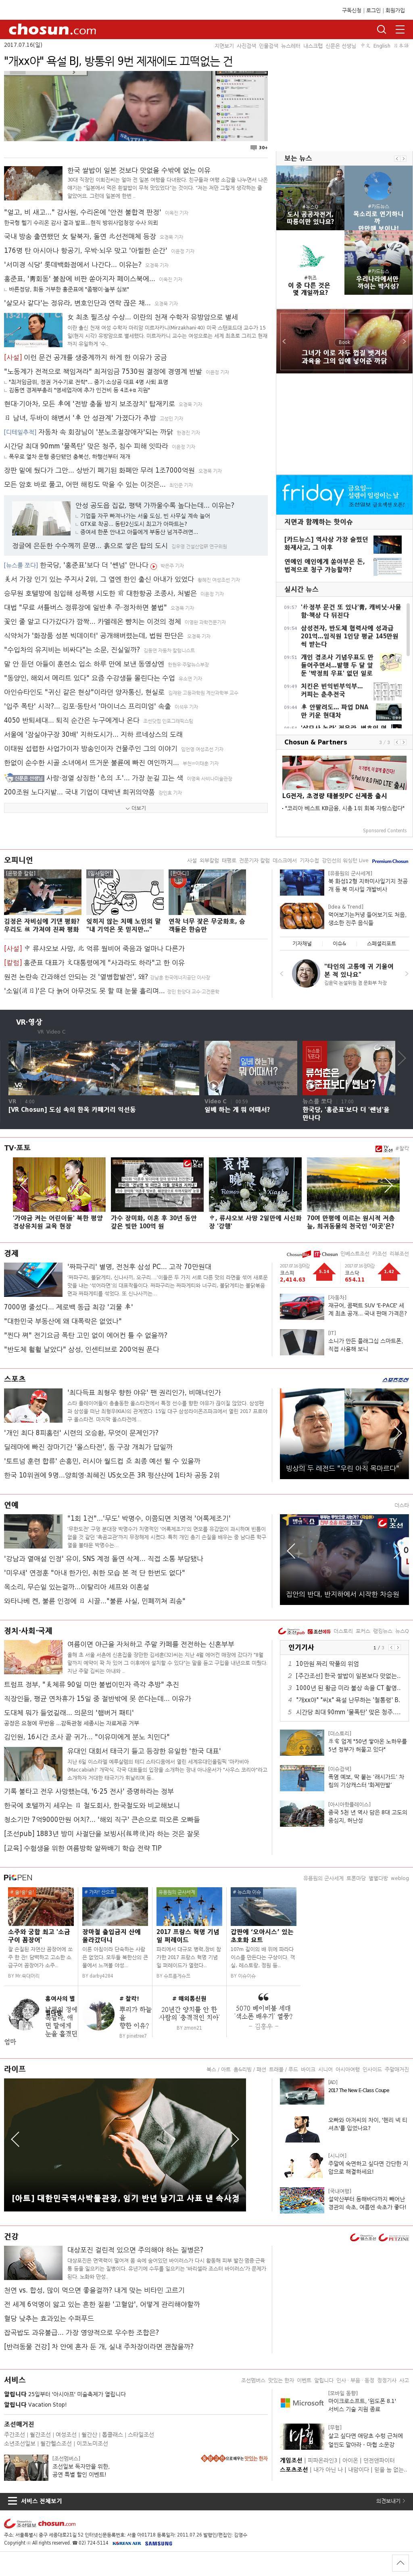 chosun.com at Sunday July 16, 2017, 10:02 a.m. UTC